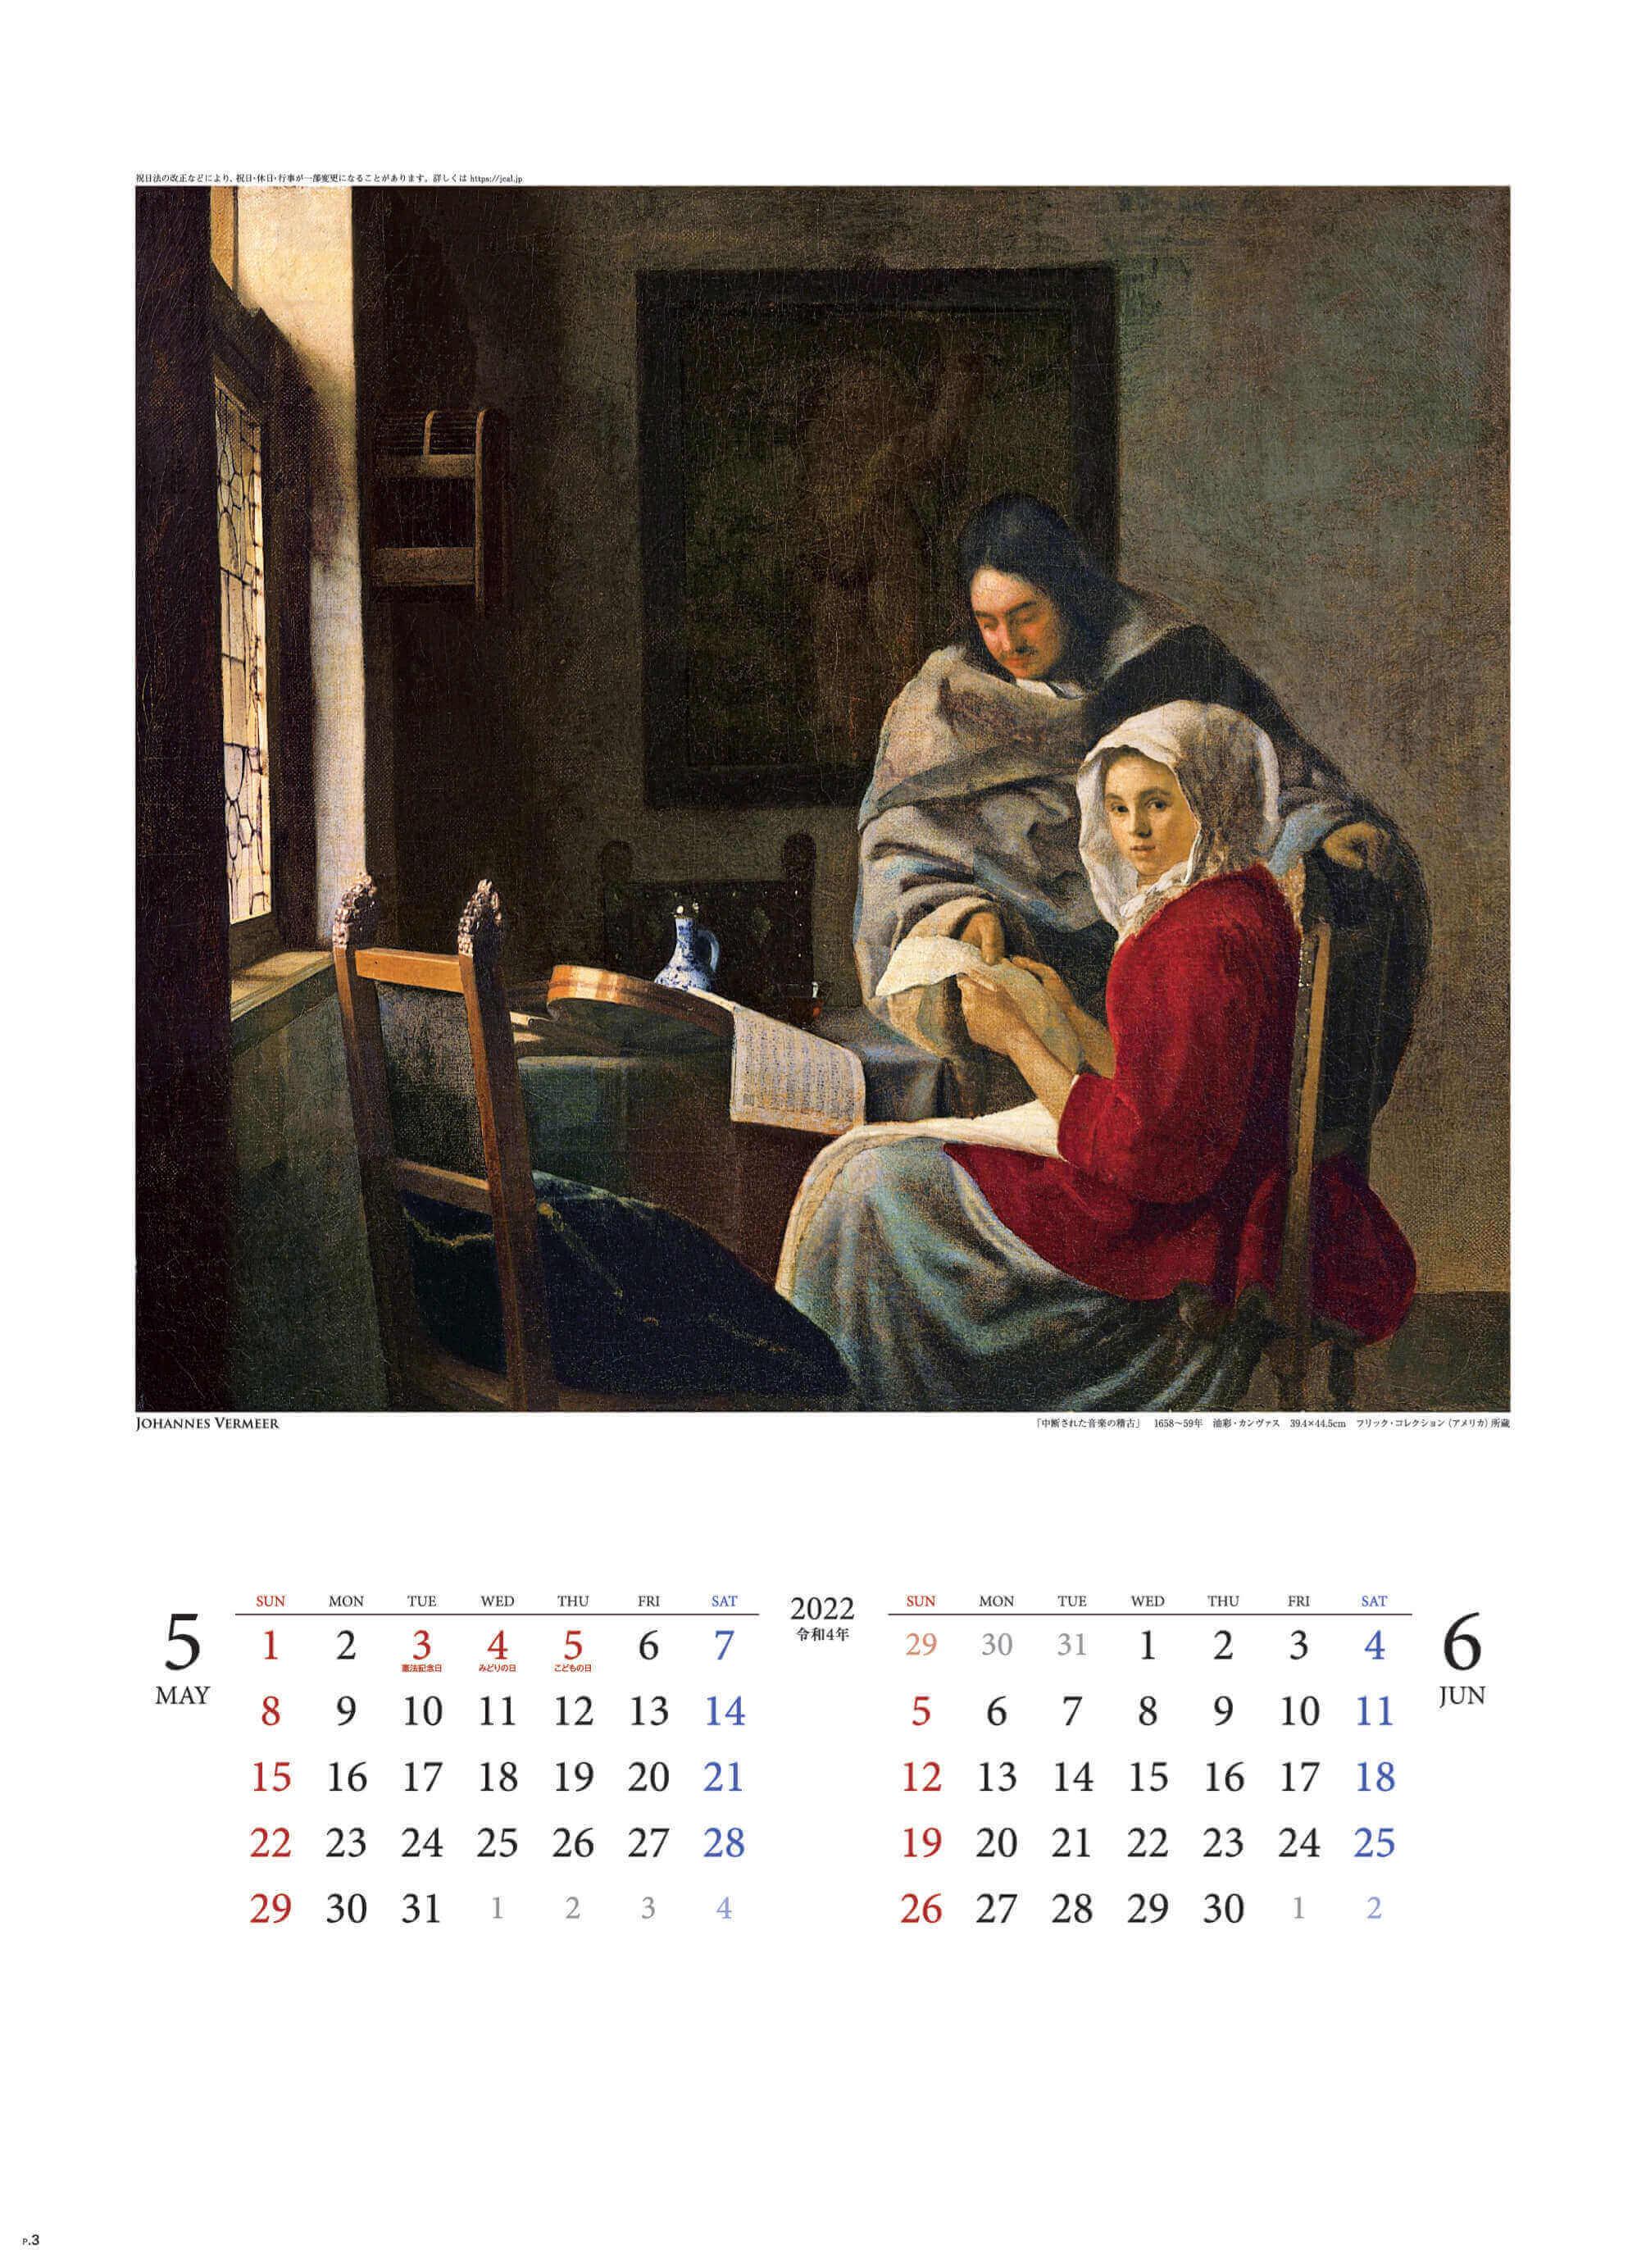 5-6月 中断された音楽の稽古 フェルメール 2022年カレンダーの画像